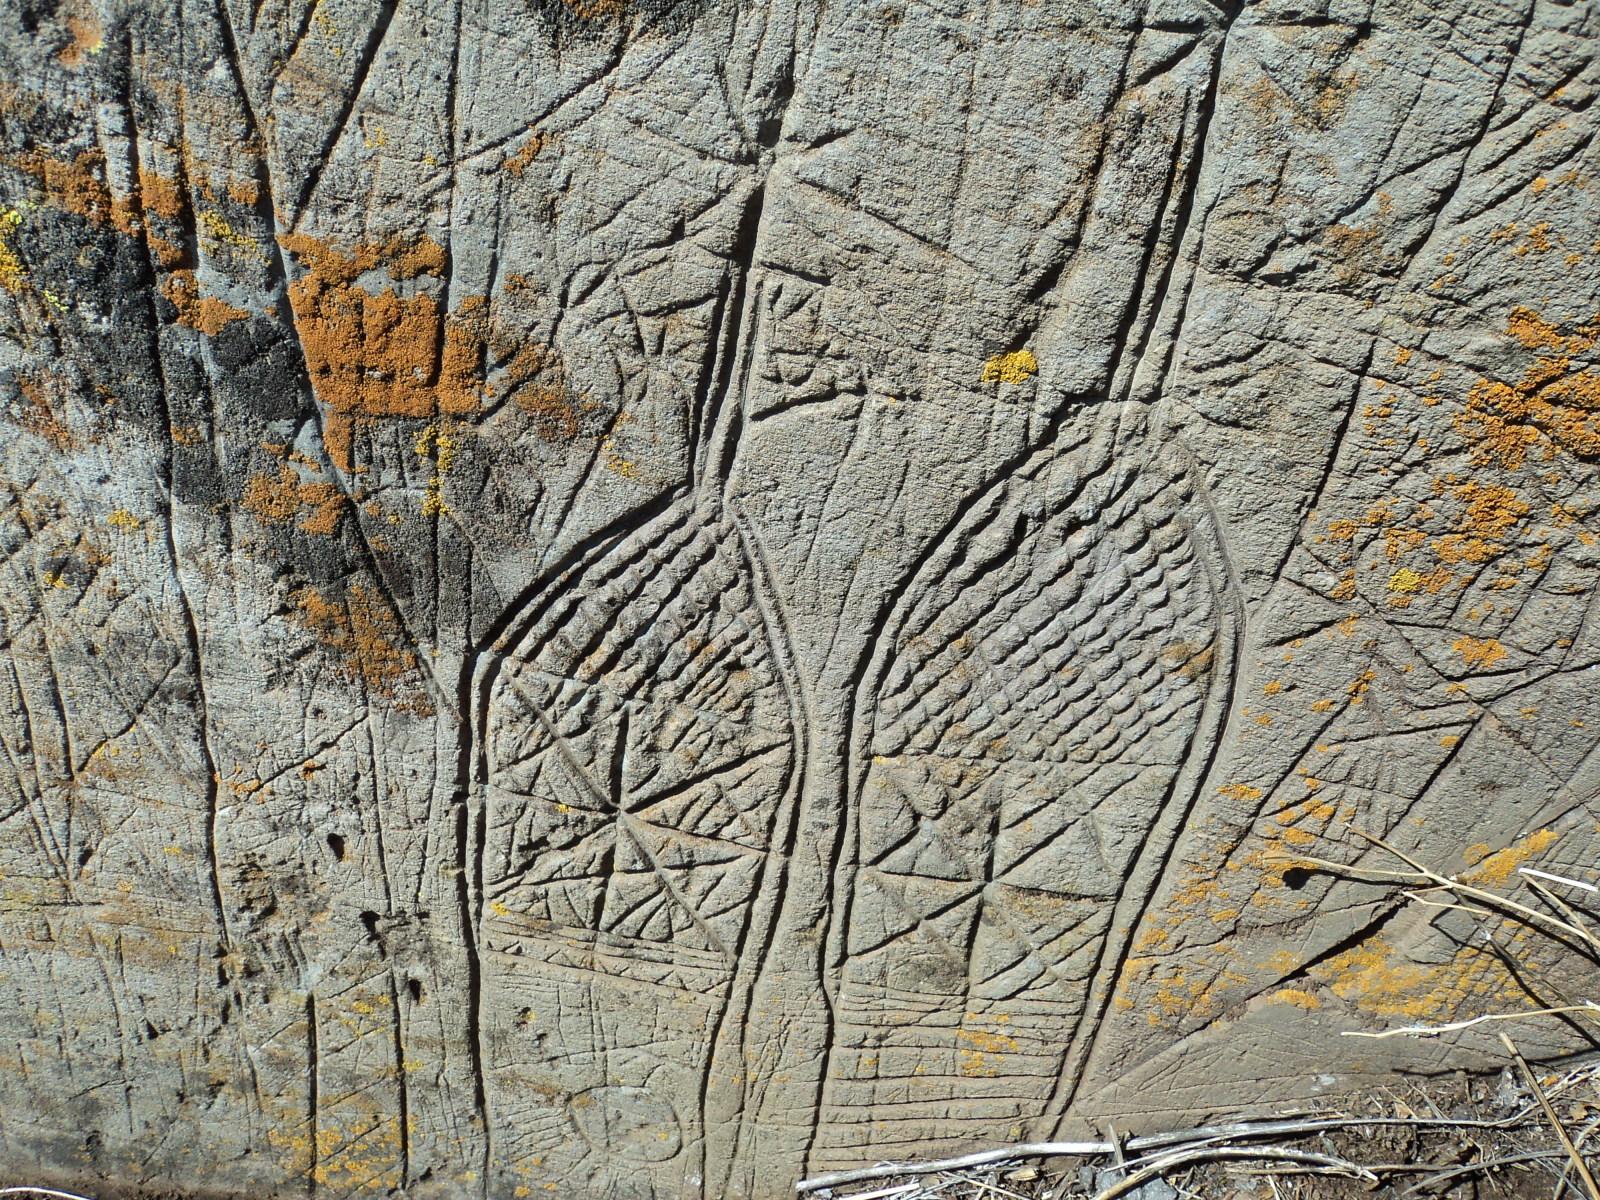 ayuda  para estas marcas en una piedra 16hu8u9